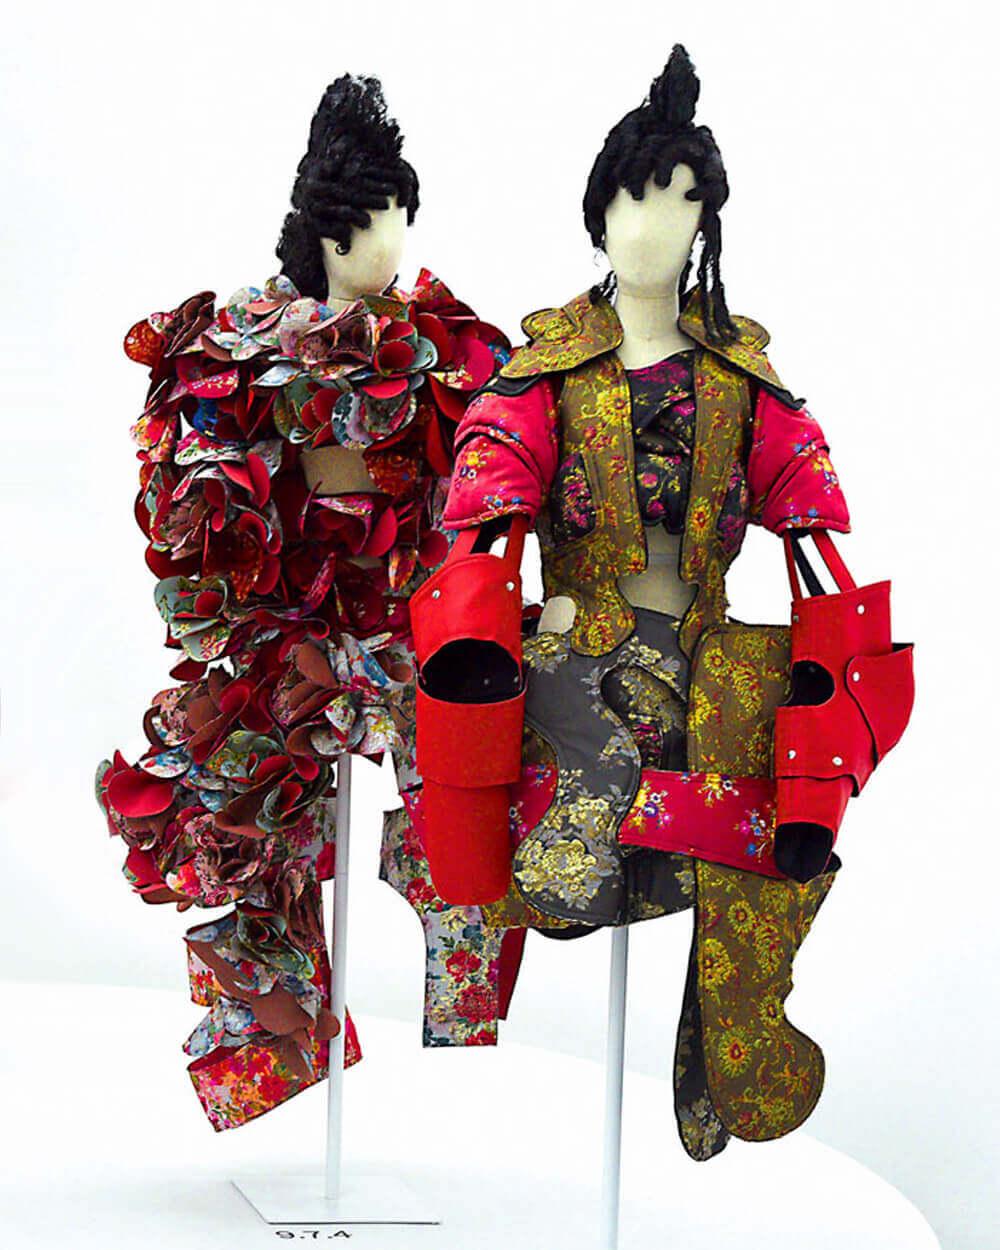 Thời trang Nhật Bản và những bước tiến tiên phong đổi mới - hình ảnh 6